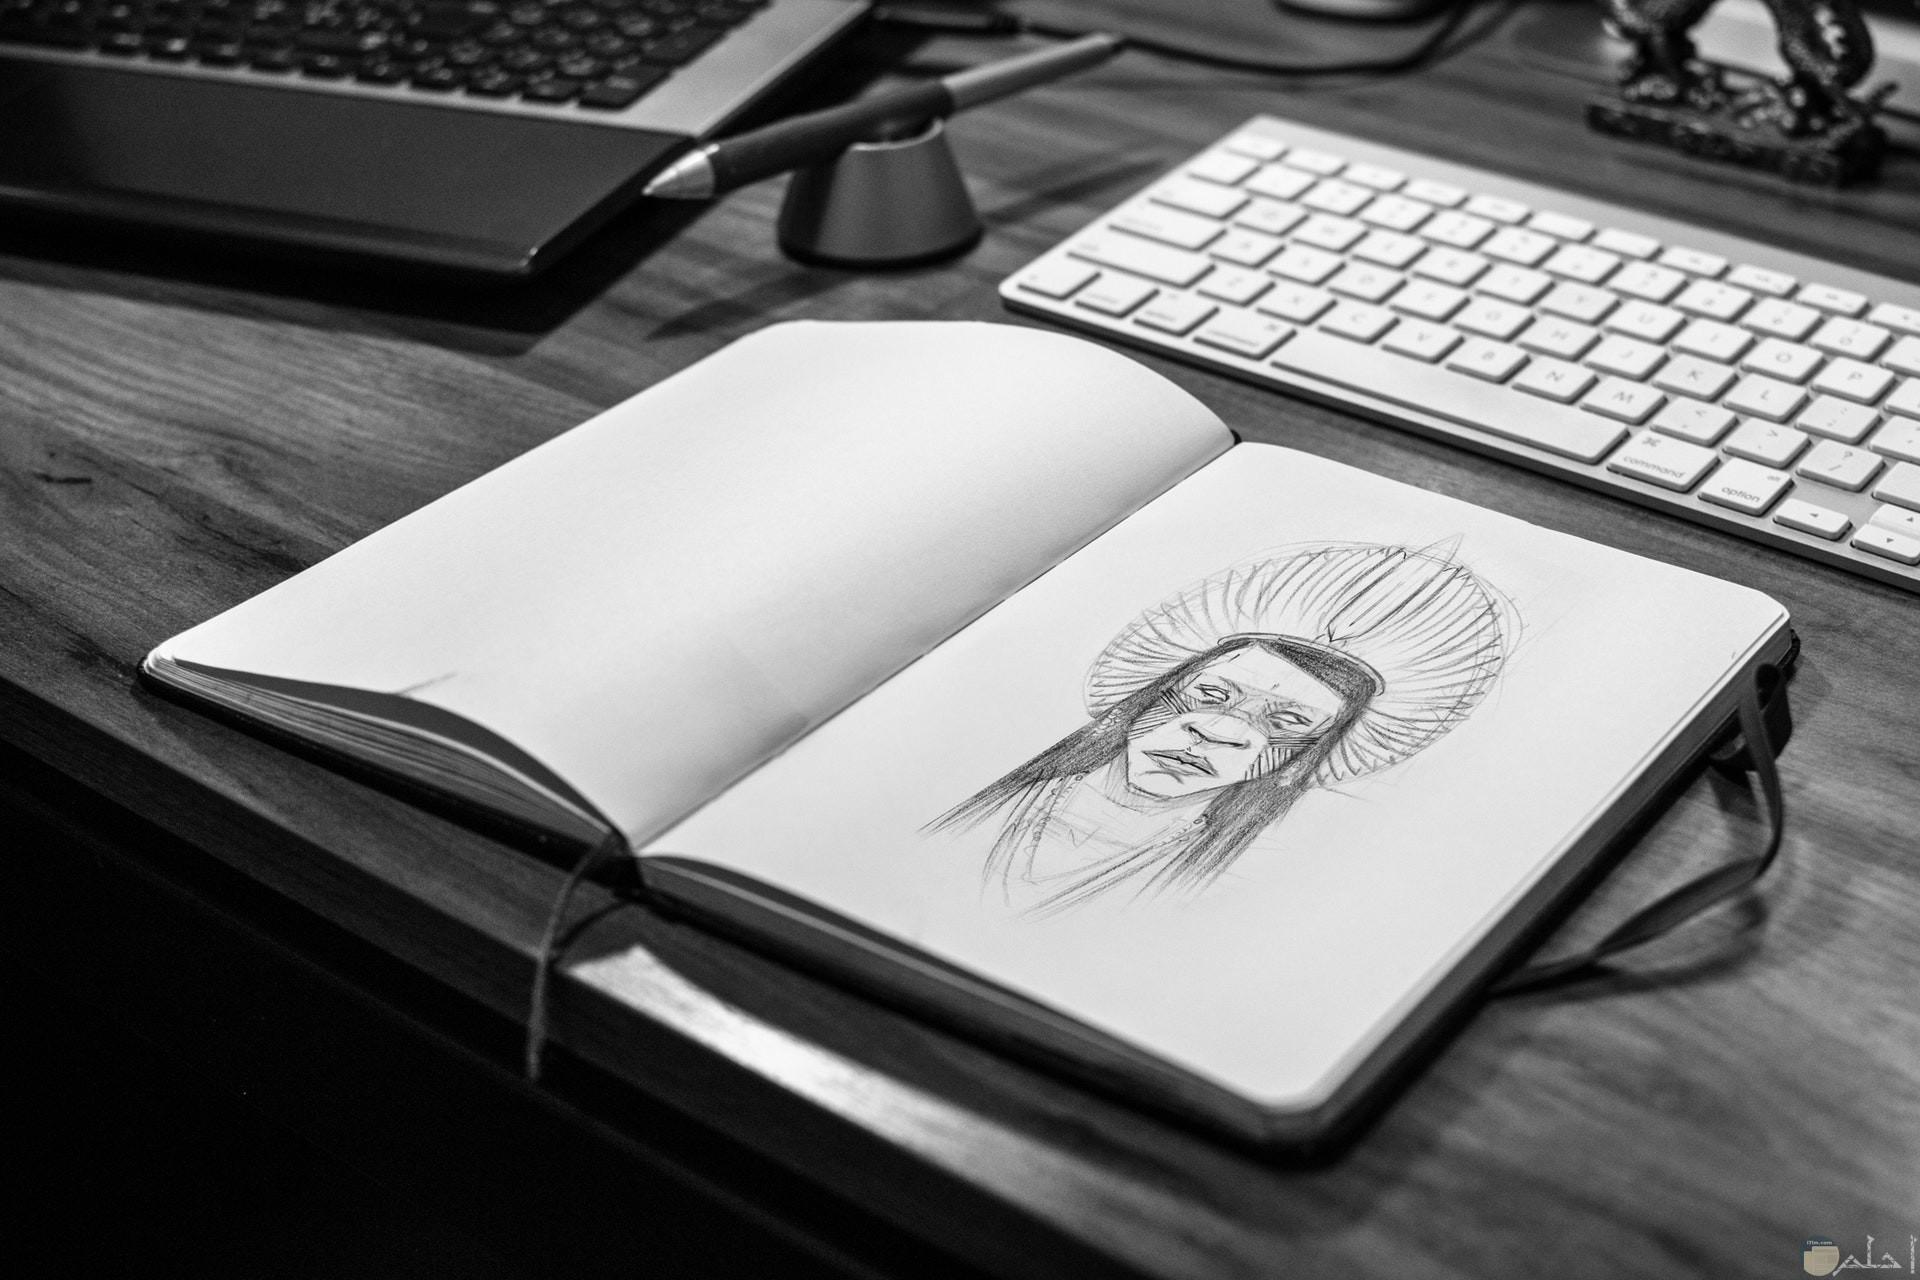 صورة لرسمة رجل من الهنود الحمر علي دفتر بجانبه لوحة مفاتيح كمبيوتر وقلم